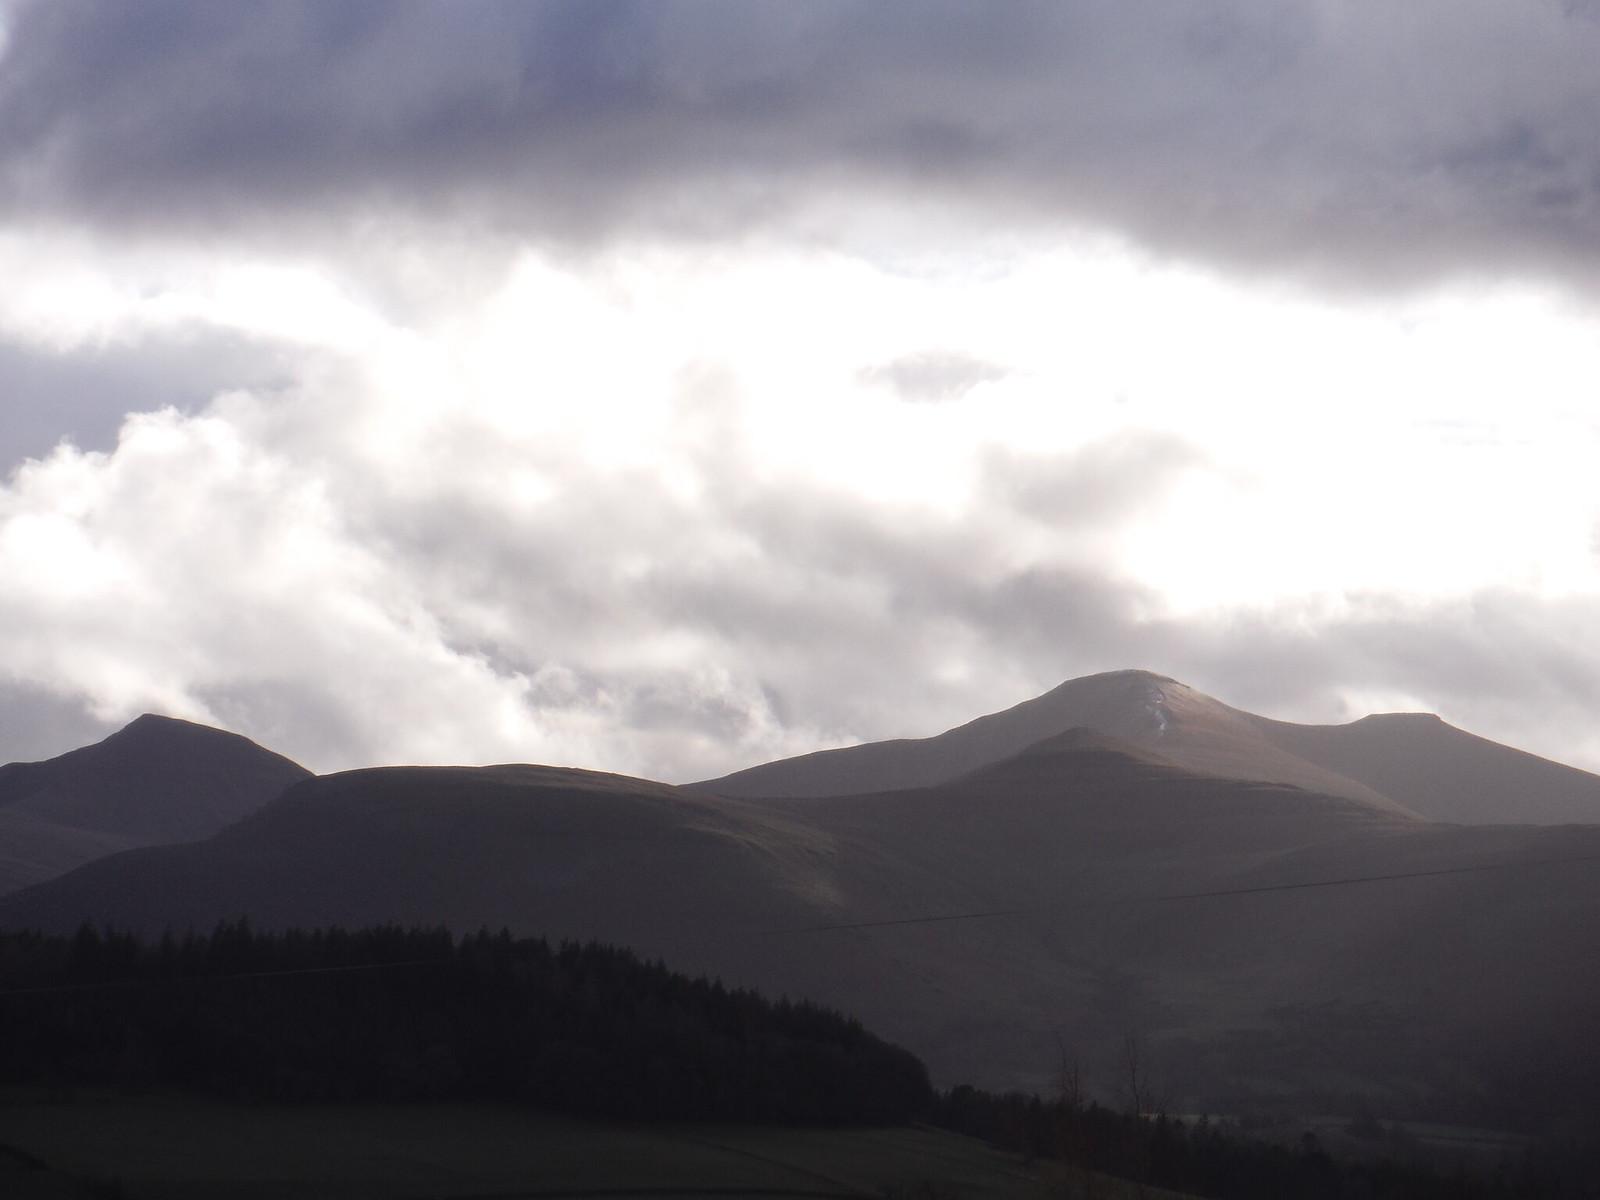 Cribyn to Pen y Fan, from just above Brecon SWC Walk 306 - Brecon Circular (via Y Gaer, Battle and Pen-y-crug)